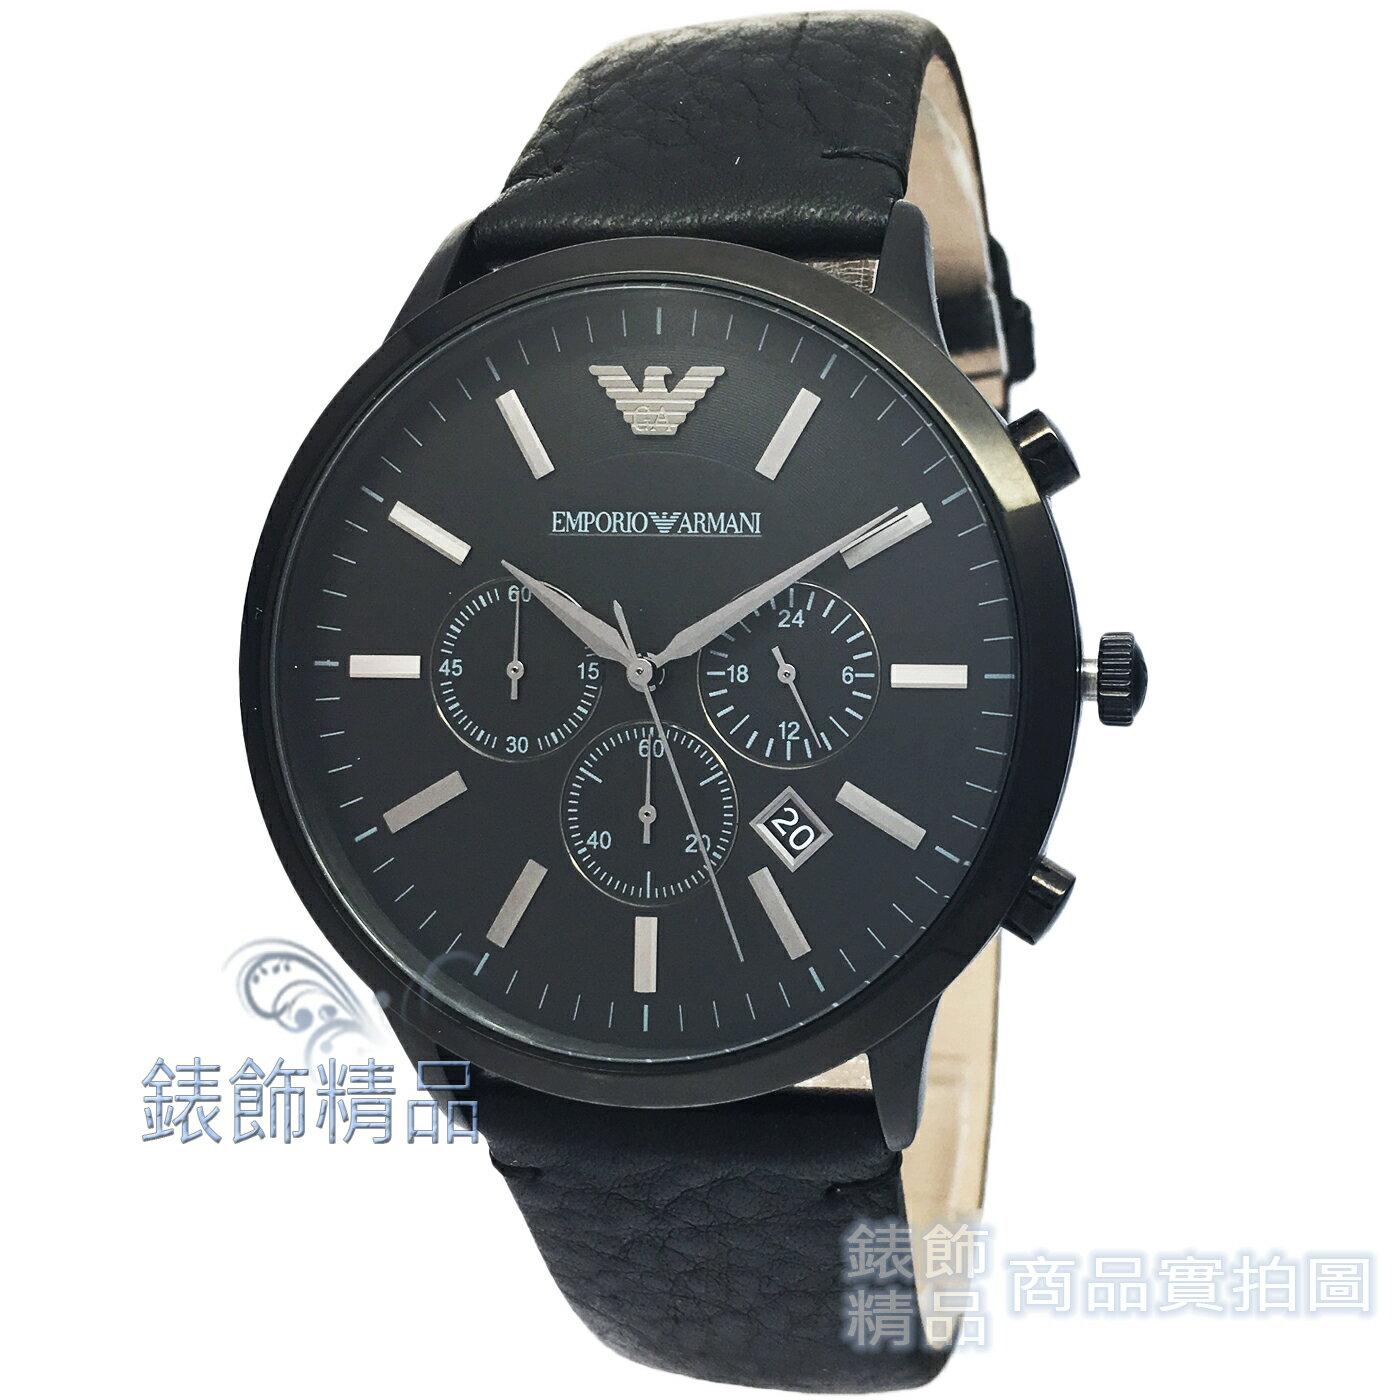 【錶飾精品】ARMANI手錶 亞曼尼 AR2461 經典 鍍黑 計時碼錶 日期 黑面 黑皮帶 男錶